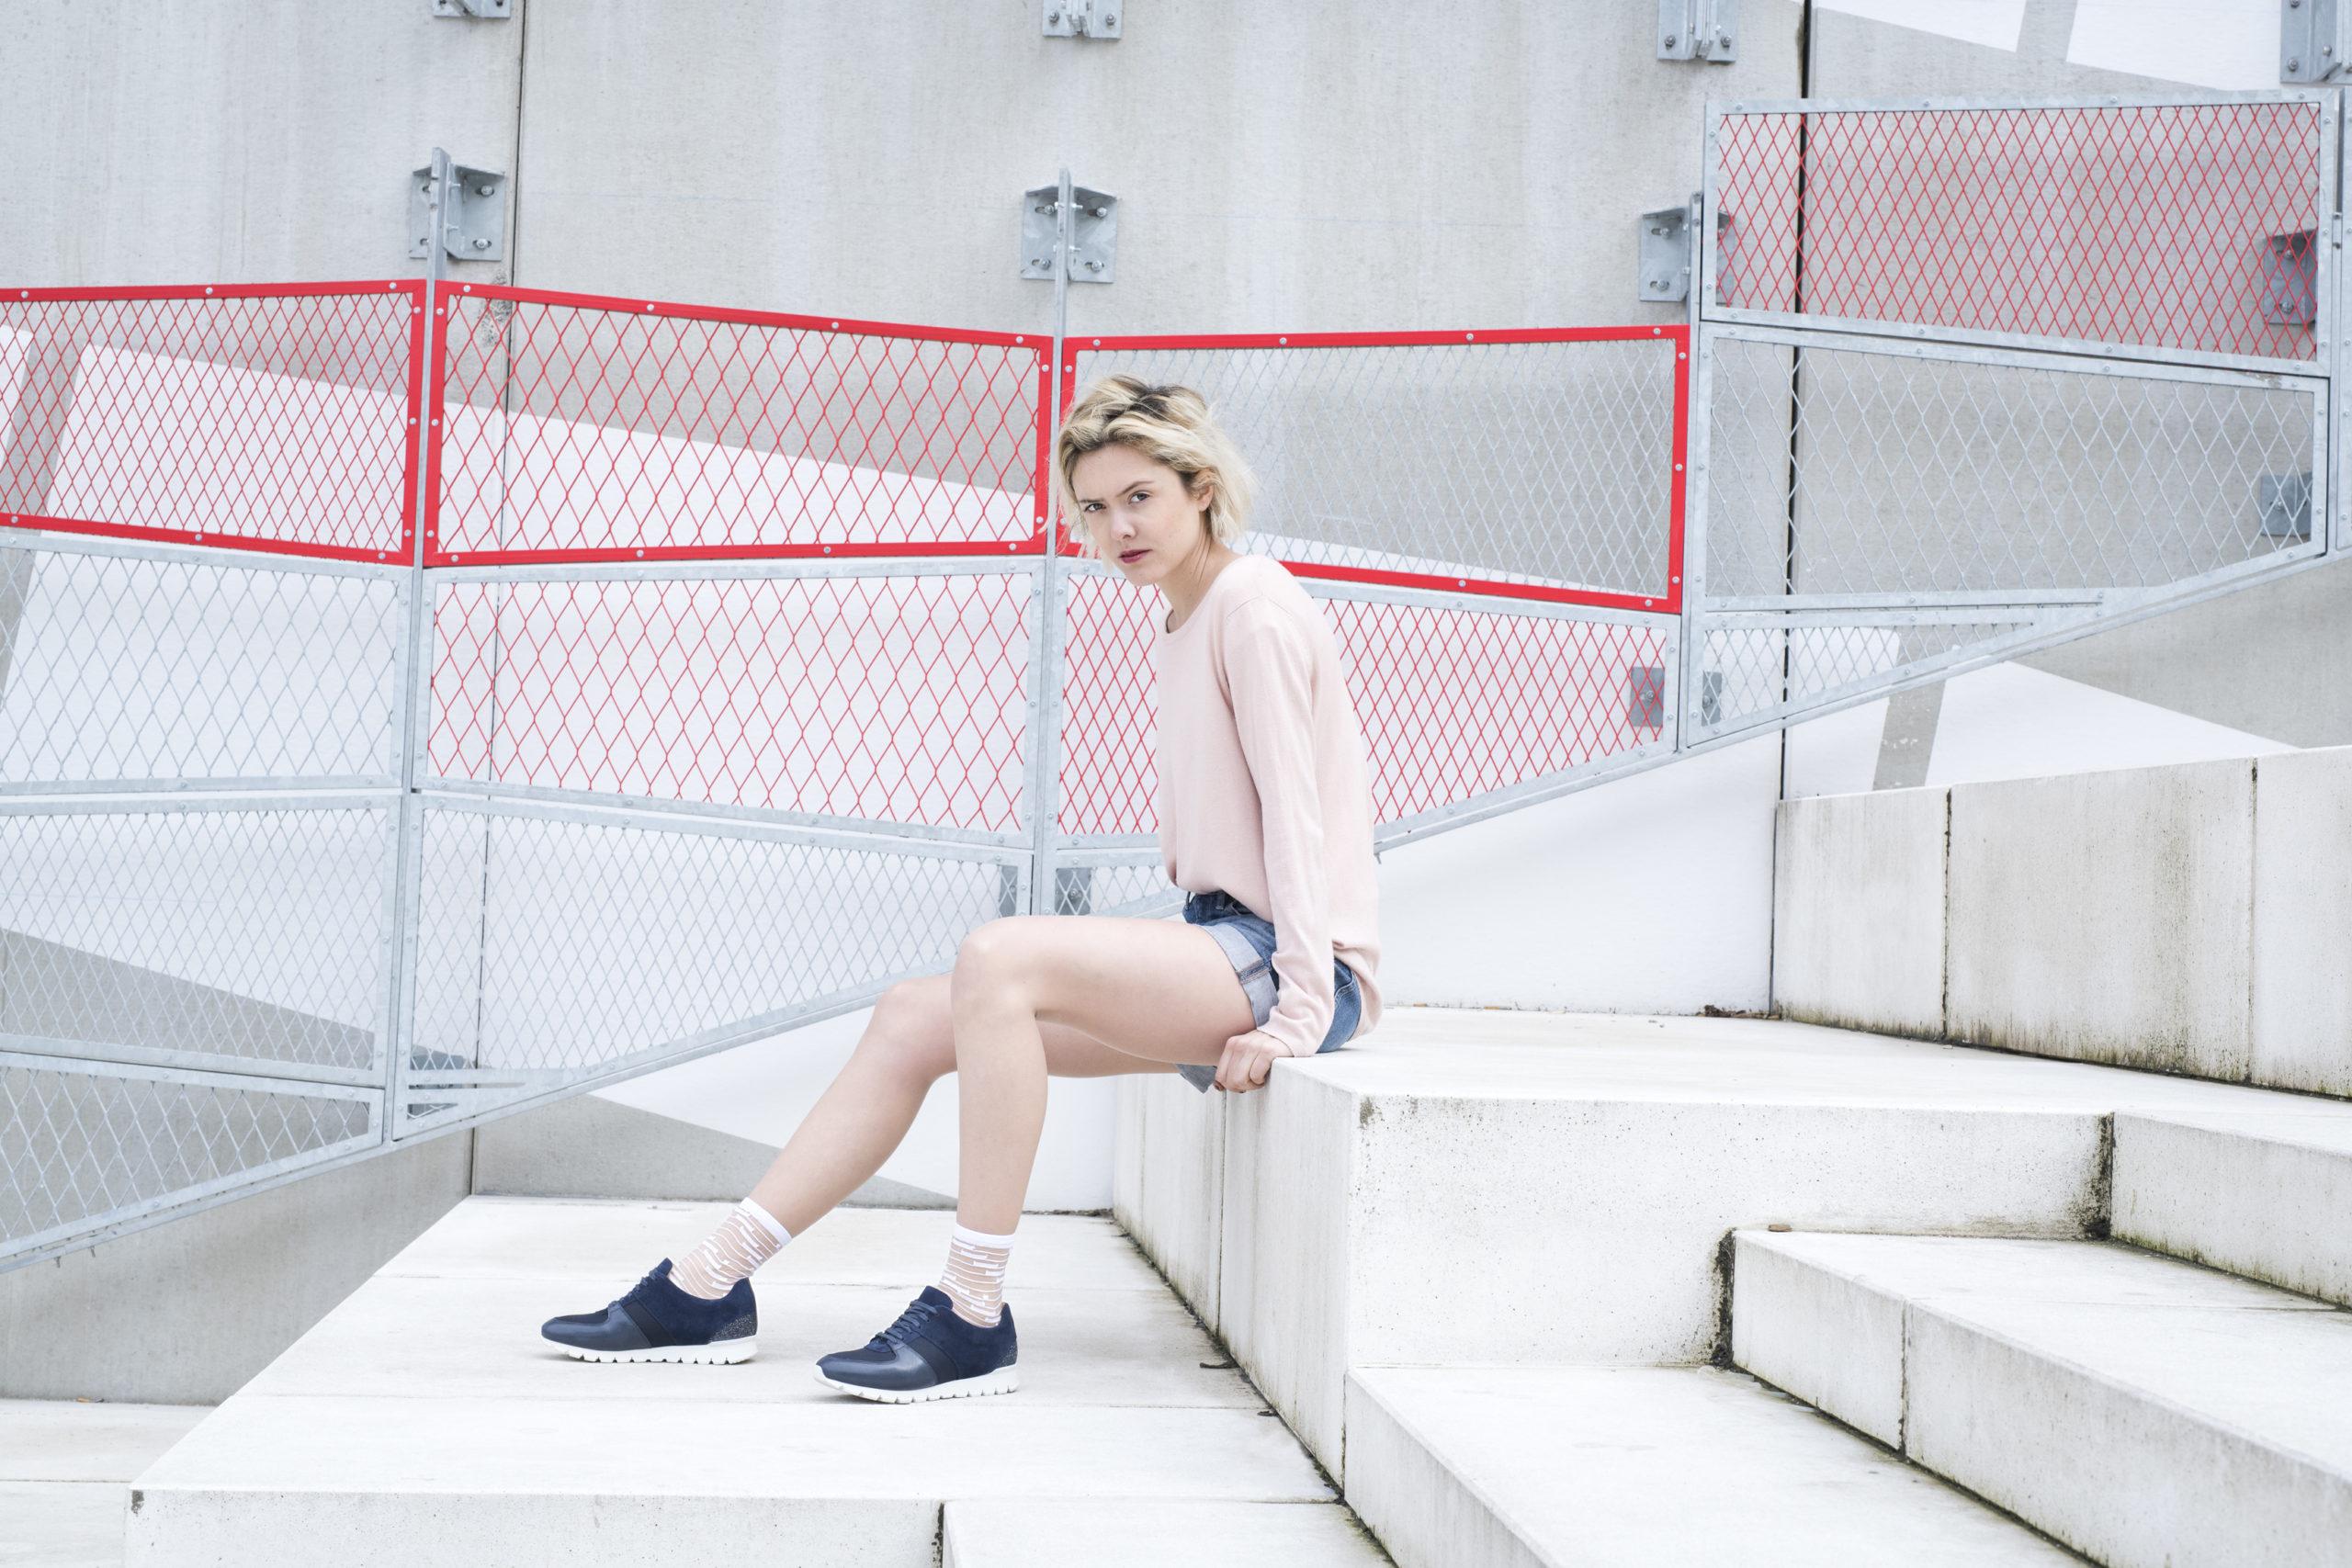 Virginie Zilbermann, photographe, chaussettes, Atelier St Eustache, Photo de photographe professionnel, Site portfolio photographePhotographe paris mode